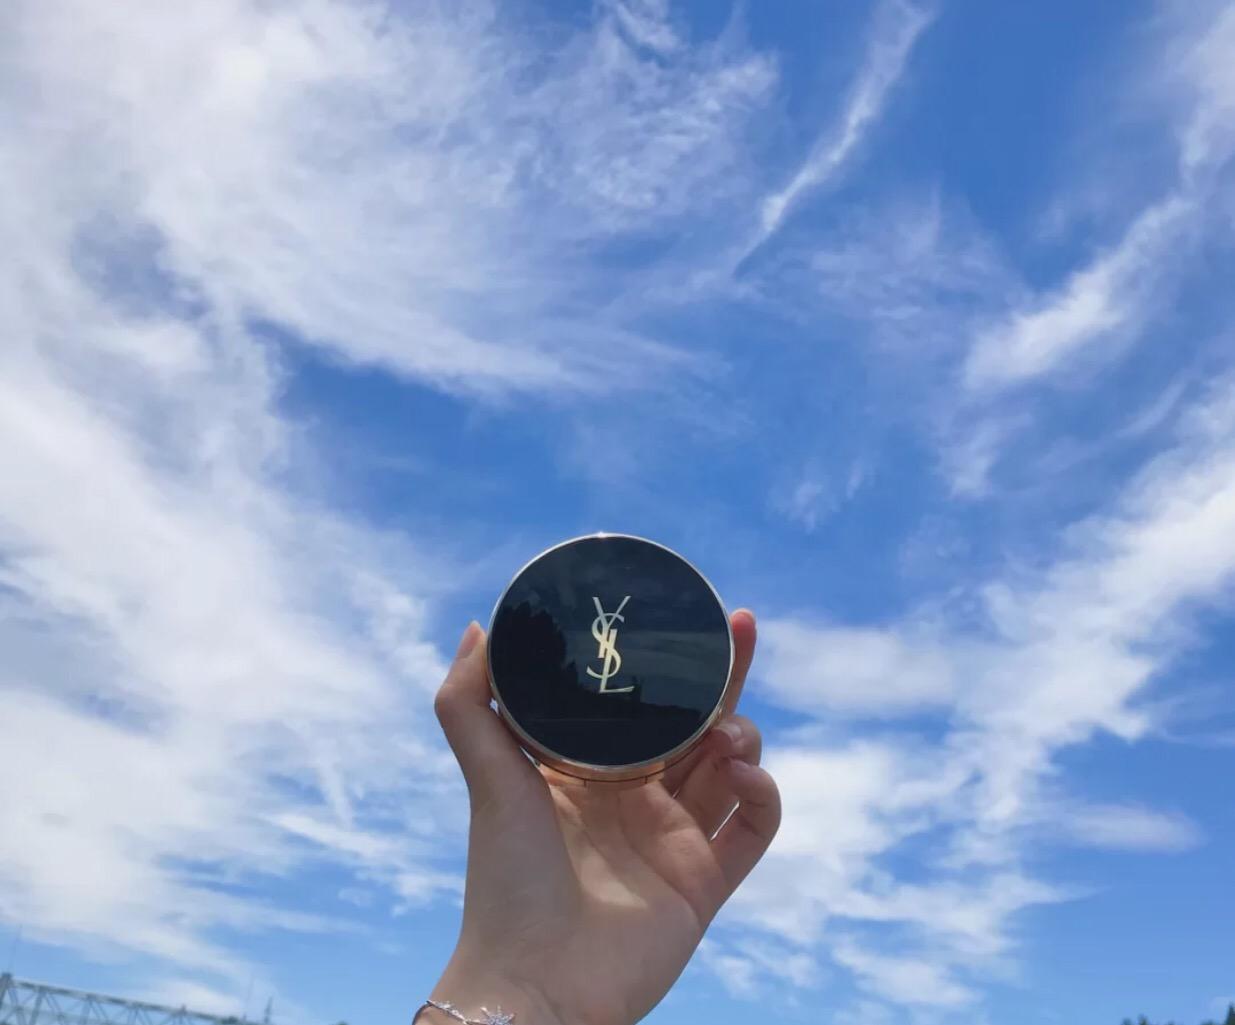 圣罗兰羽毛和墨水是同一个吗区别 圣罗兰墨水气垫适合干皮吗